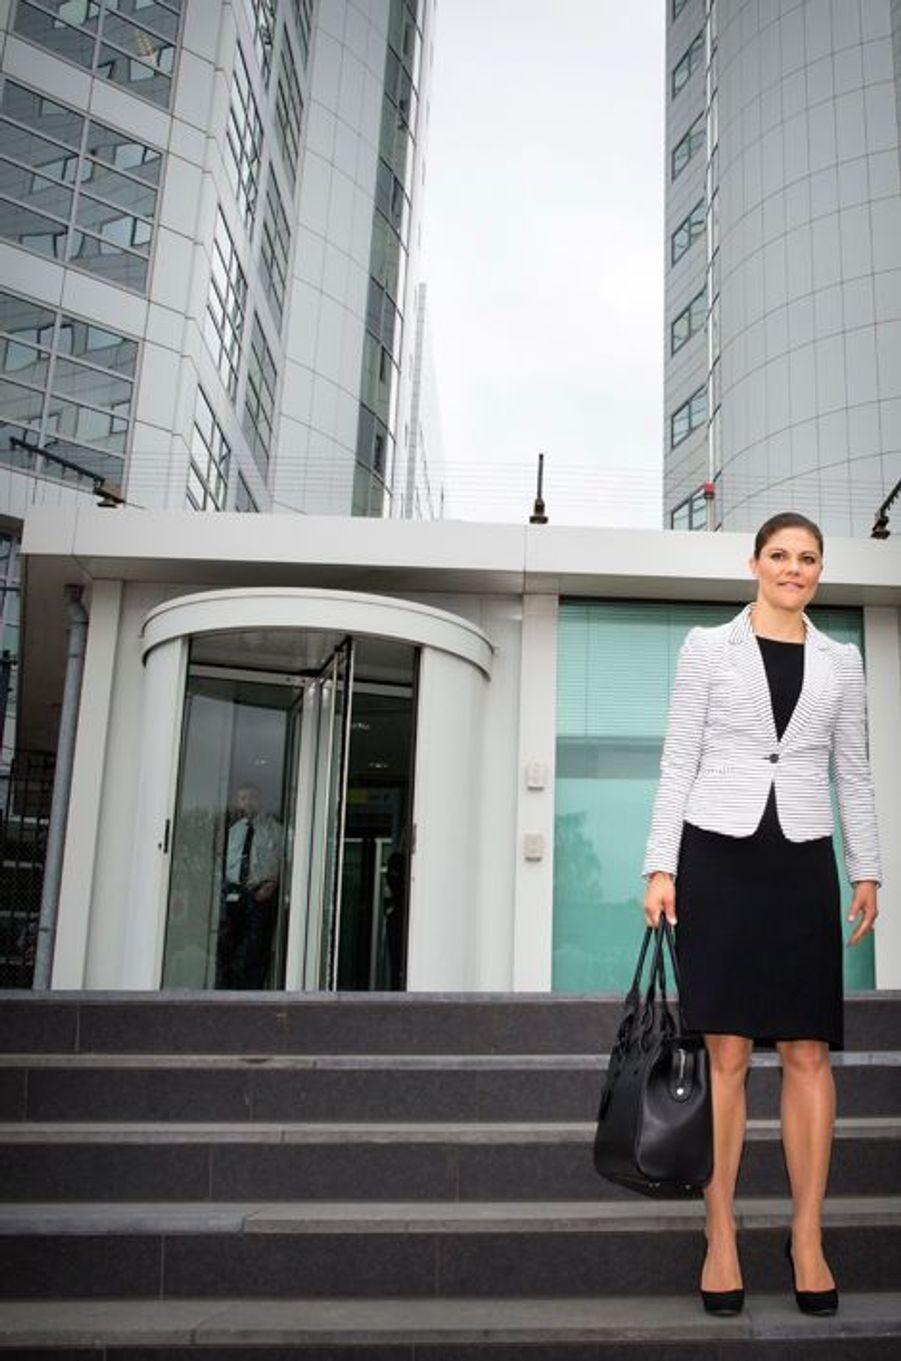 Durant deux jours, la princesse Victoria de Suède a effectué une visite de travail aux Pays-Bas et en Belgique sur les thèmes de l'immigration, de l'intégration et des réfugiés. Ce mercredi 22 avril, elle était à la Cour pénale internationale à La Haye.Chaque dimanche, le Royal Blog de Paris Match vous propose de voir ou revoir les plus belles photographies de la semaine royale.